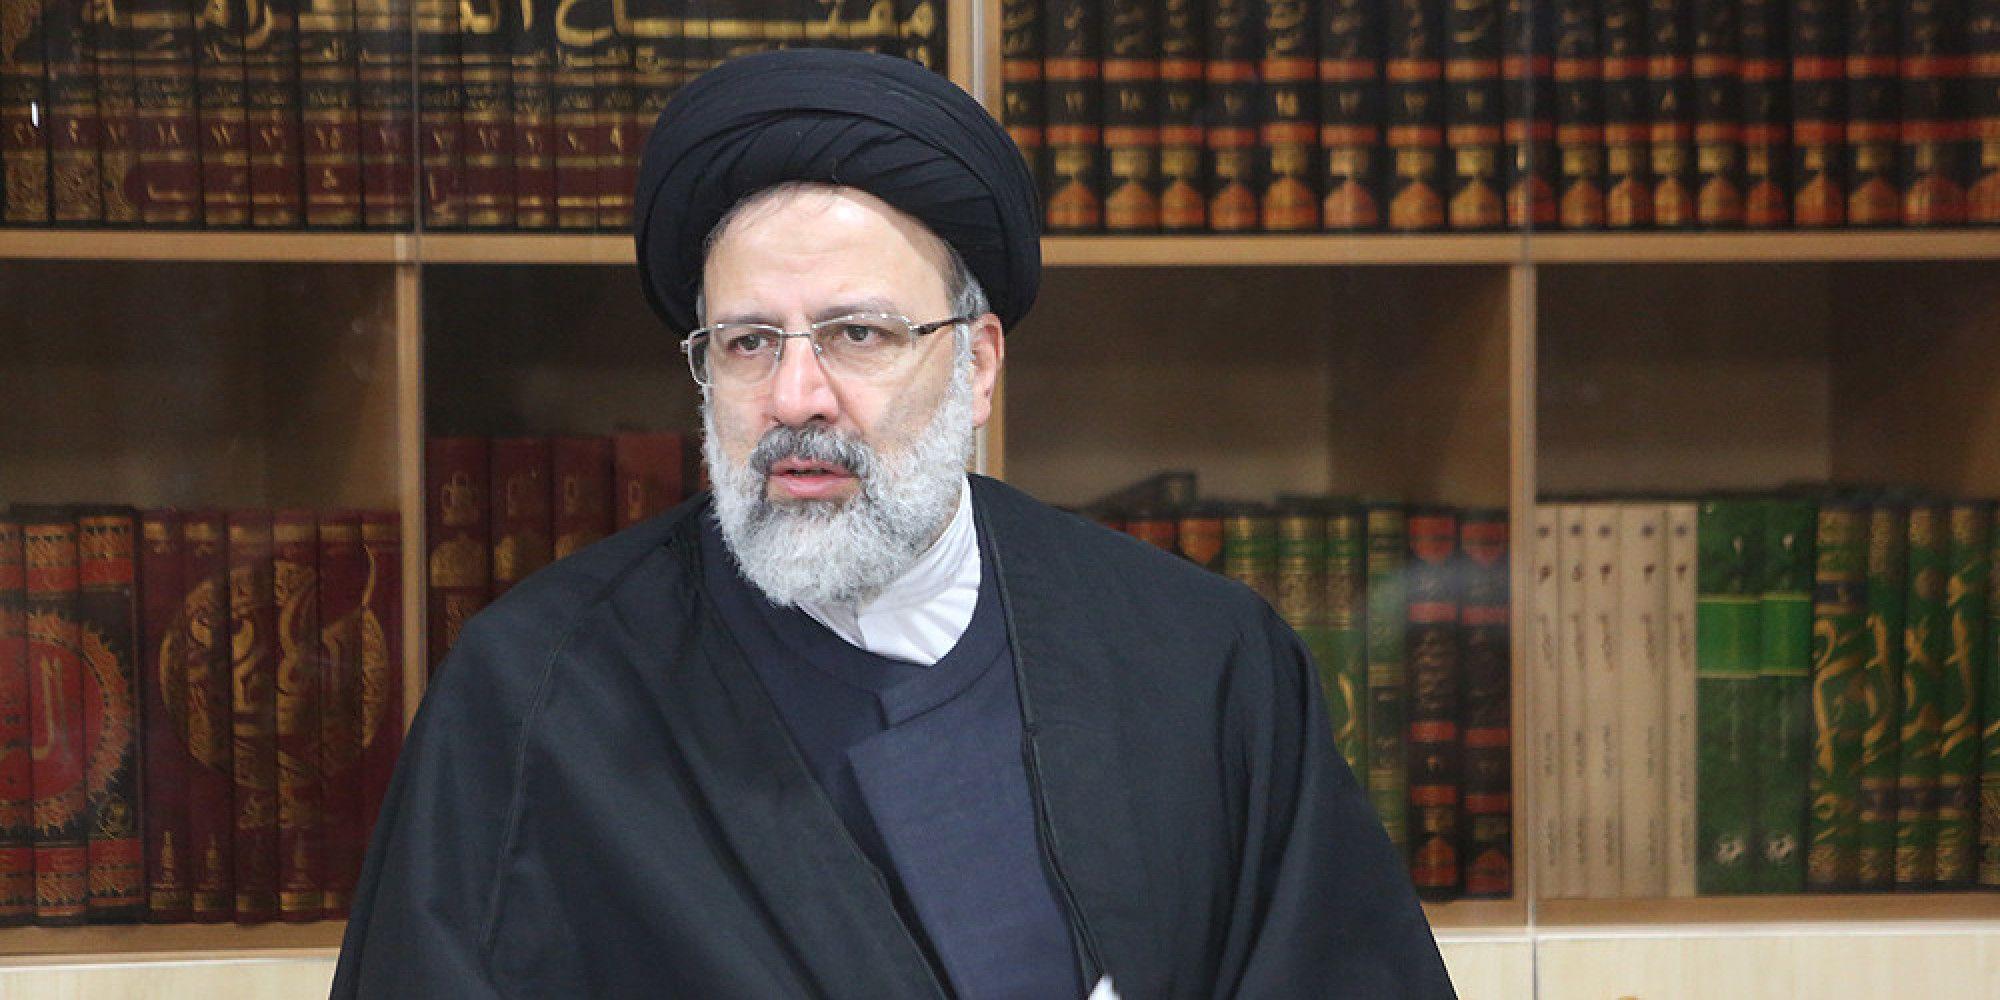 المرشح الرئاسي المحافظ إبراهيم رئيسي